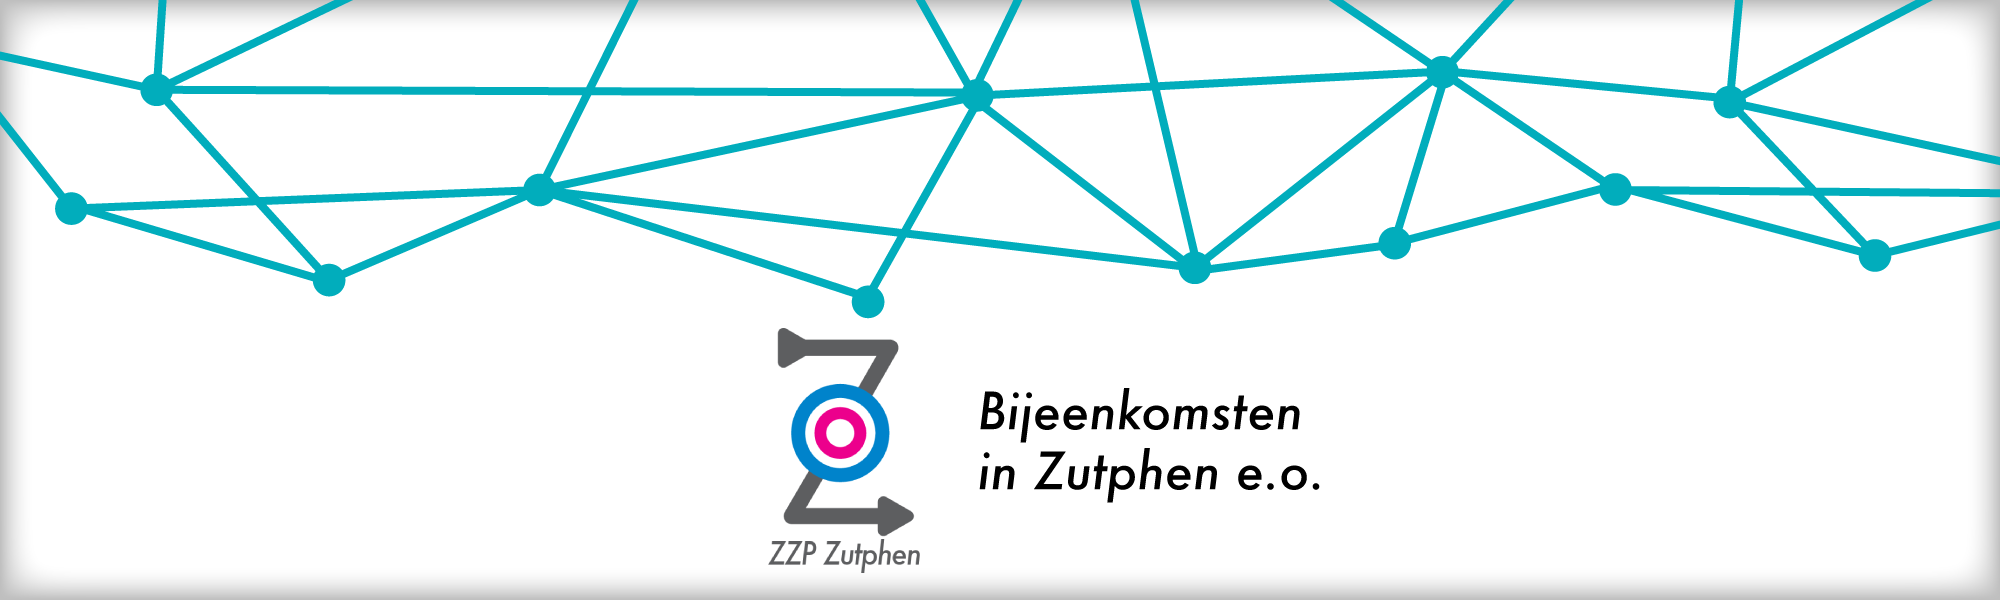 Bijeenkomsten ondernemers Zutphen